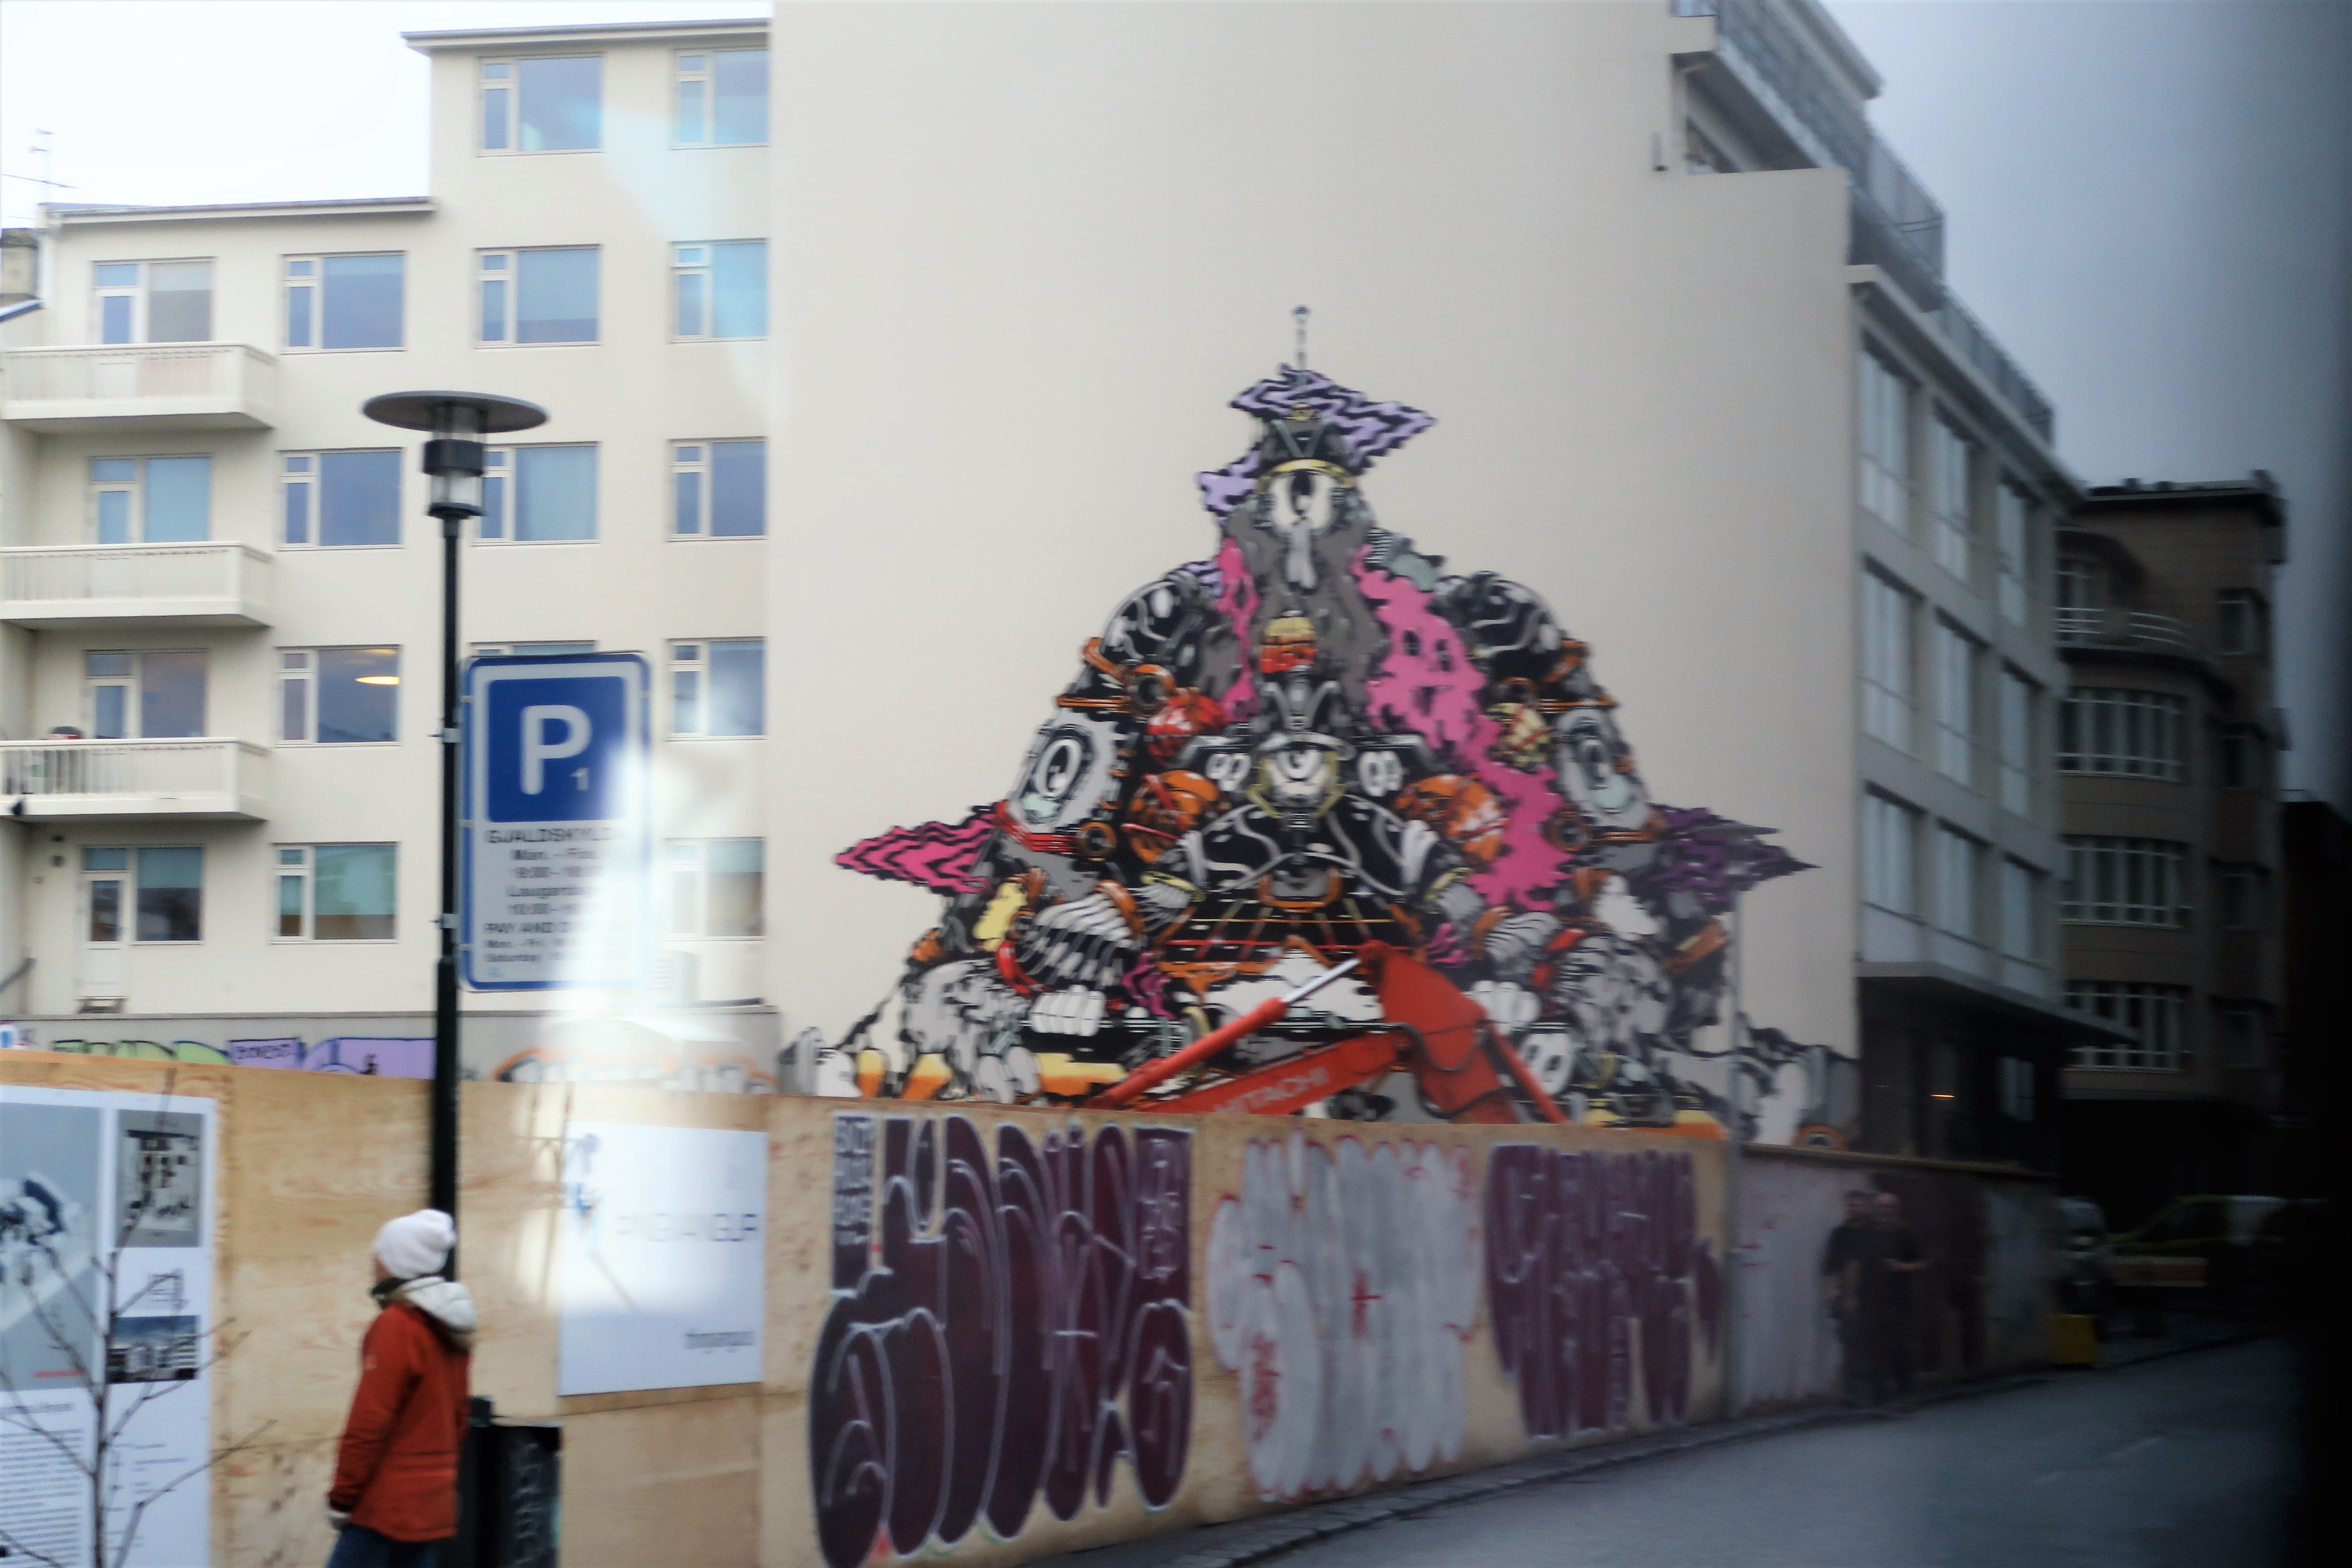 detailed street art on building side reykjavik